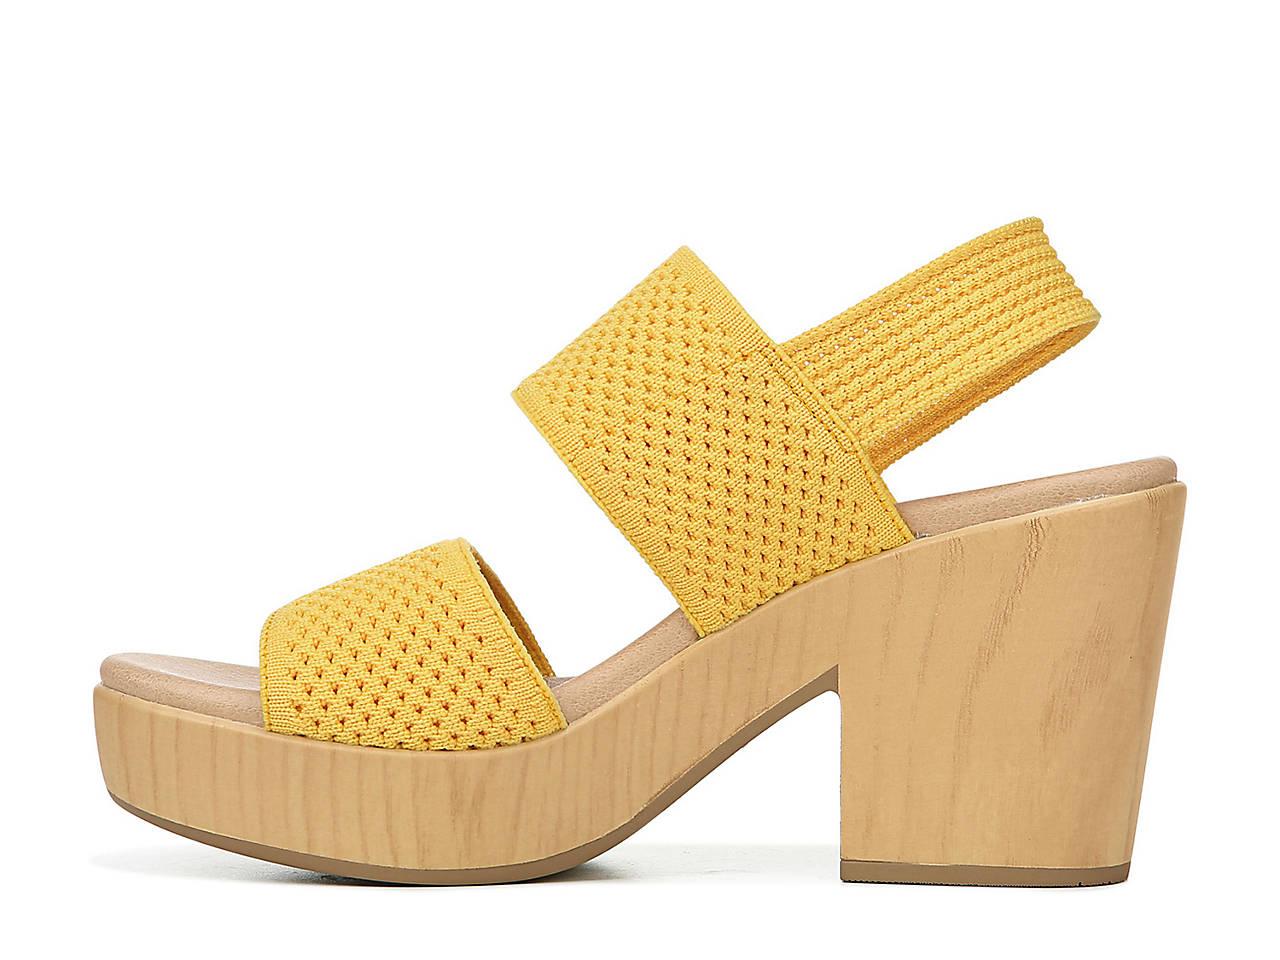 cb49d0a74d Dr. Scholl's Becca Platform Sandal Women's Shoes | DSW